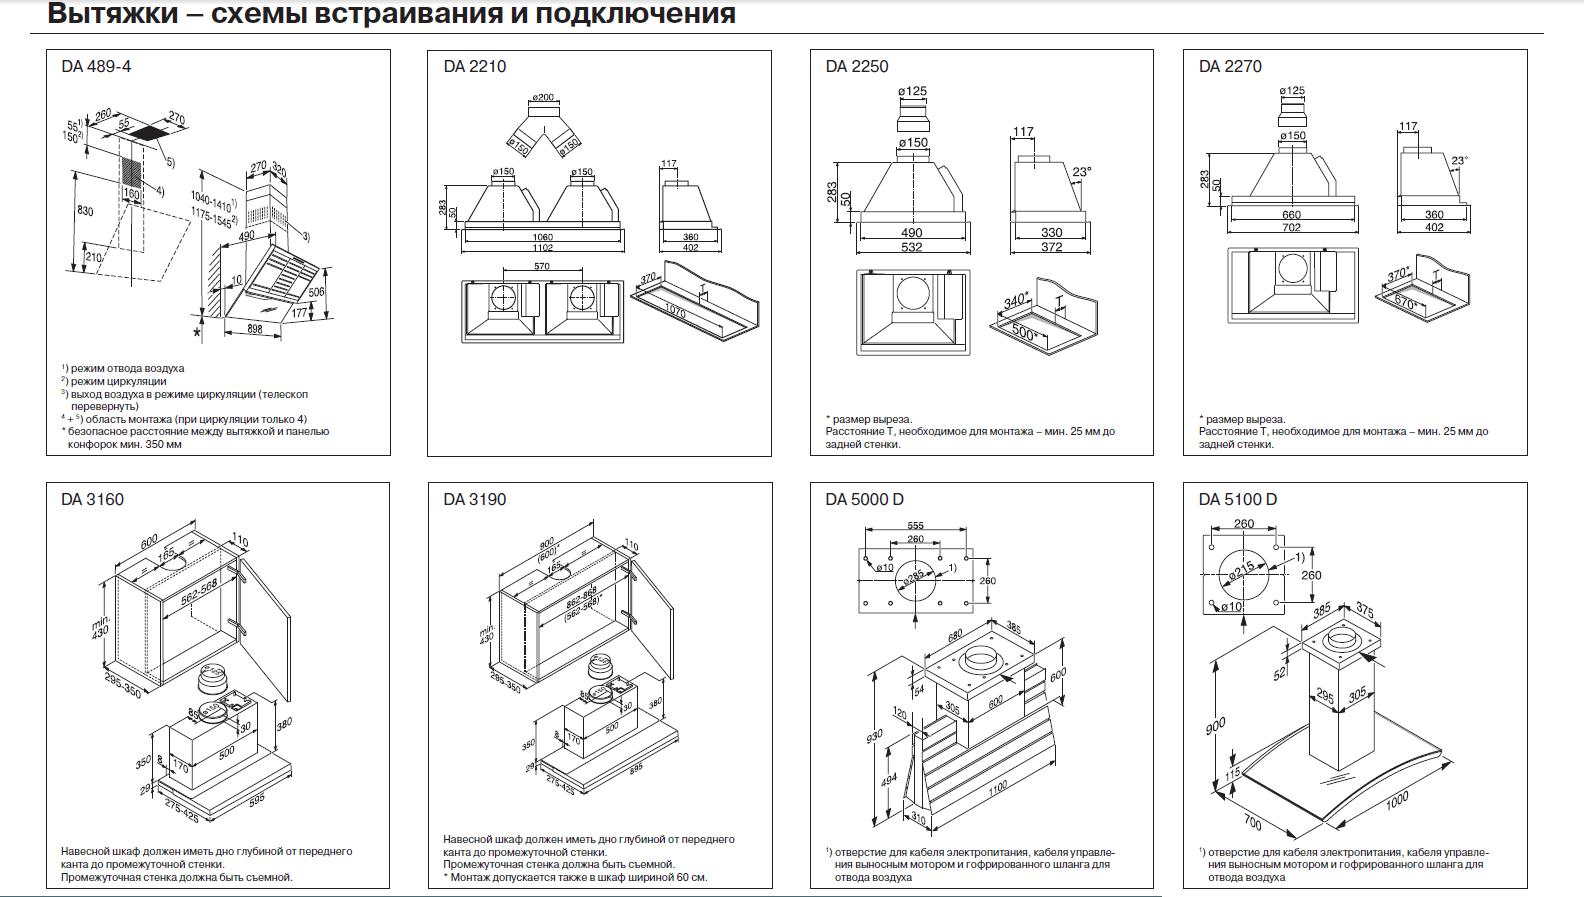 Подключение вытяжки на кухне схема